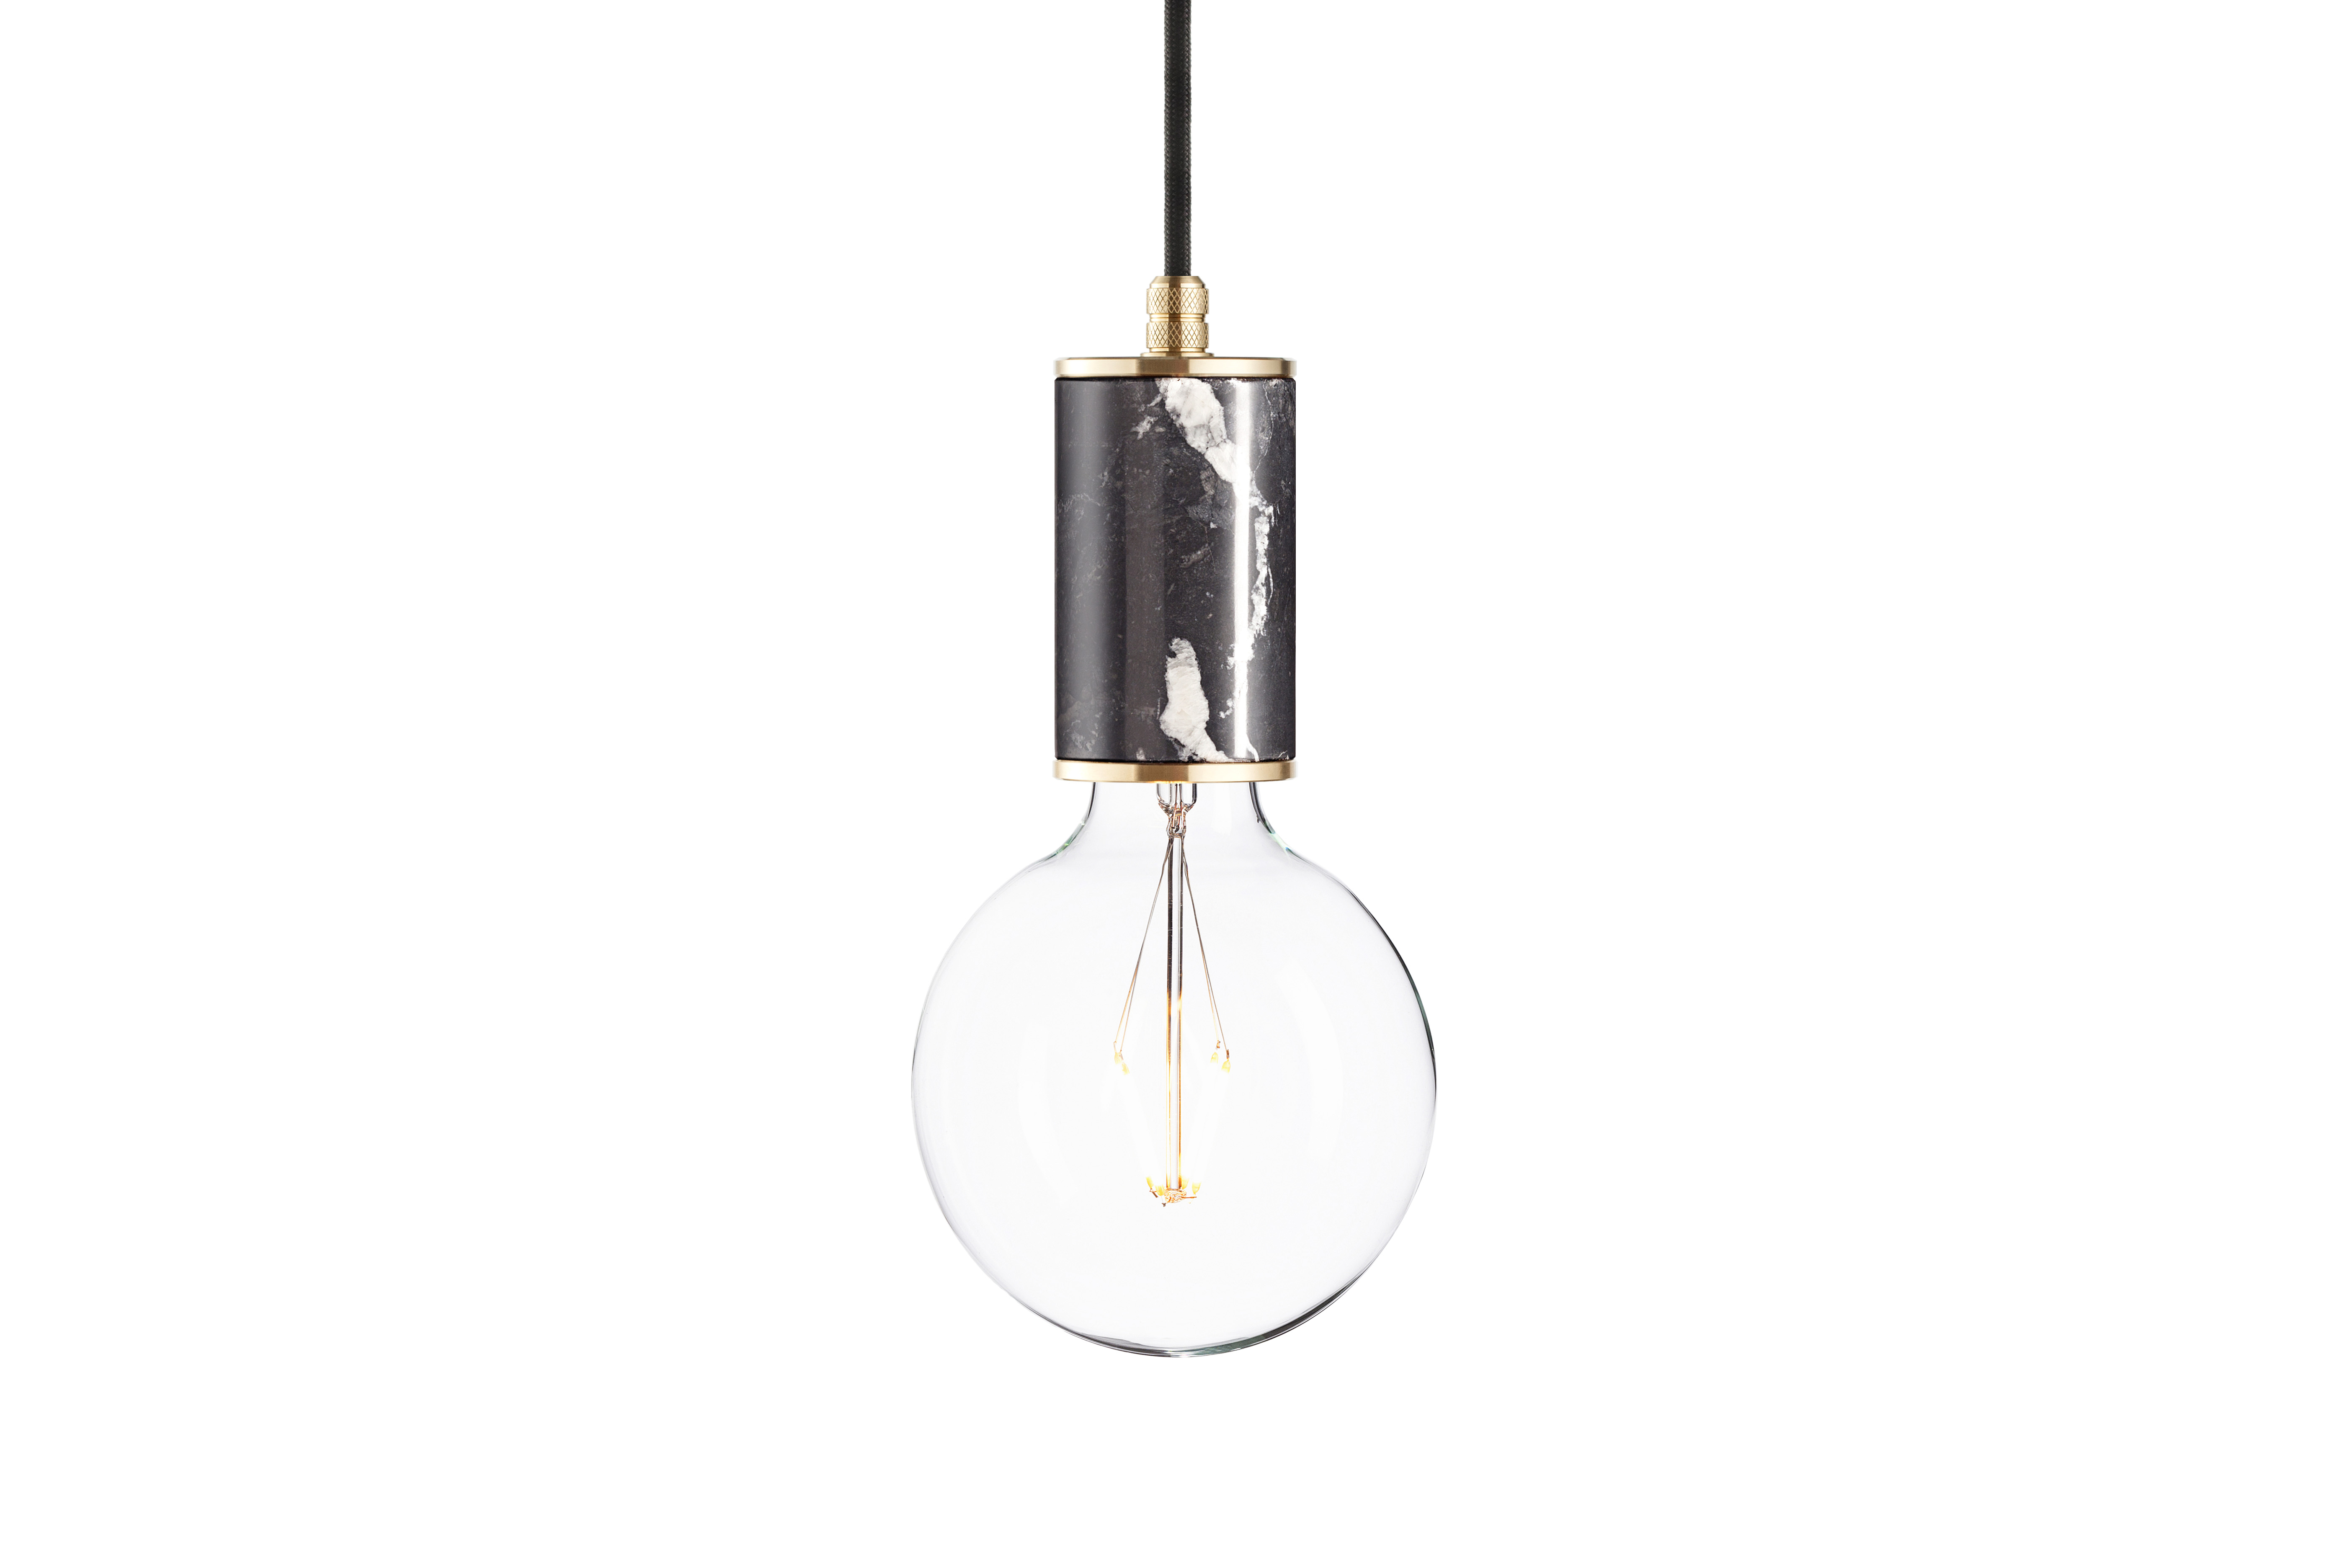 Подвесной светильник Marmor GlansПодвесные светильники<br>Подвесной светильник &amp;quot;Marmor Glans&amp;quot; сочетает в себе строгость минимализма и с утонченностью роскошной отделки. Благодаря натуральному черному мрамору он выглядит изысканно. Латунные детали добавляют декору еще больше элегантности, которая на контрасте с брутальным стилем лофт создает потрясающий облик.&amp;lt;div&amp;gt;&amp;lt;br&amp;gt;&amp;lt;/div&amp;gt;&amp;lt;div&amp;gt;Лампочка приобретается отдельно. Цоколь Е27, максимальная мощность лампочки - 60 W, длина шнура - 3 м.&amp;amp;nbsp;&amp;lt;/div&amp;gt;&amp;lt;div&amp;gt;Материал: корпус - мрамор Nero Marquinia, фурнитура - латунь, сталь, патрон - пластик, кабель в оплетке. Под заказ. Срок изготовления 3 недели.&amp;amp;nbsp;&amp;lt;/div&amp;gt;<br><br>Material: Мрамор<br>Ширина см: 6.0<br>Высота см: 10.8<br>Глубина см: 6.0